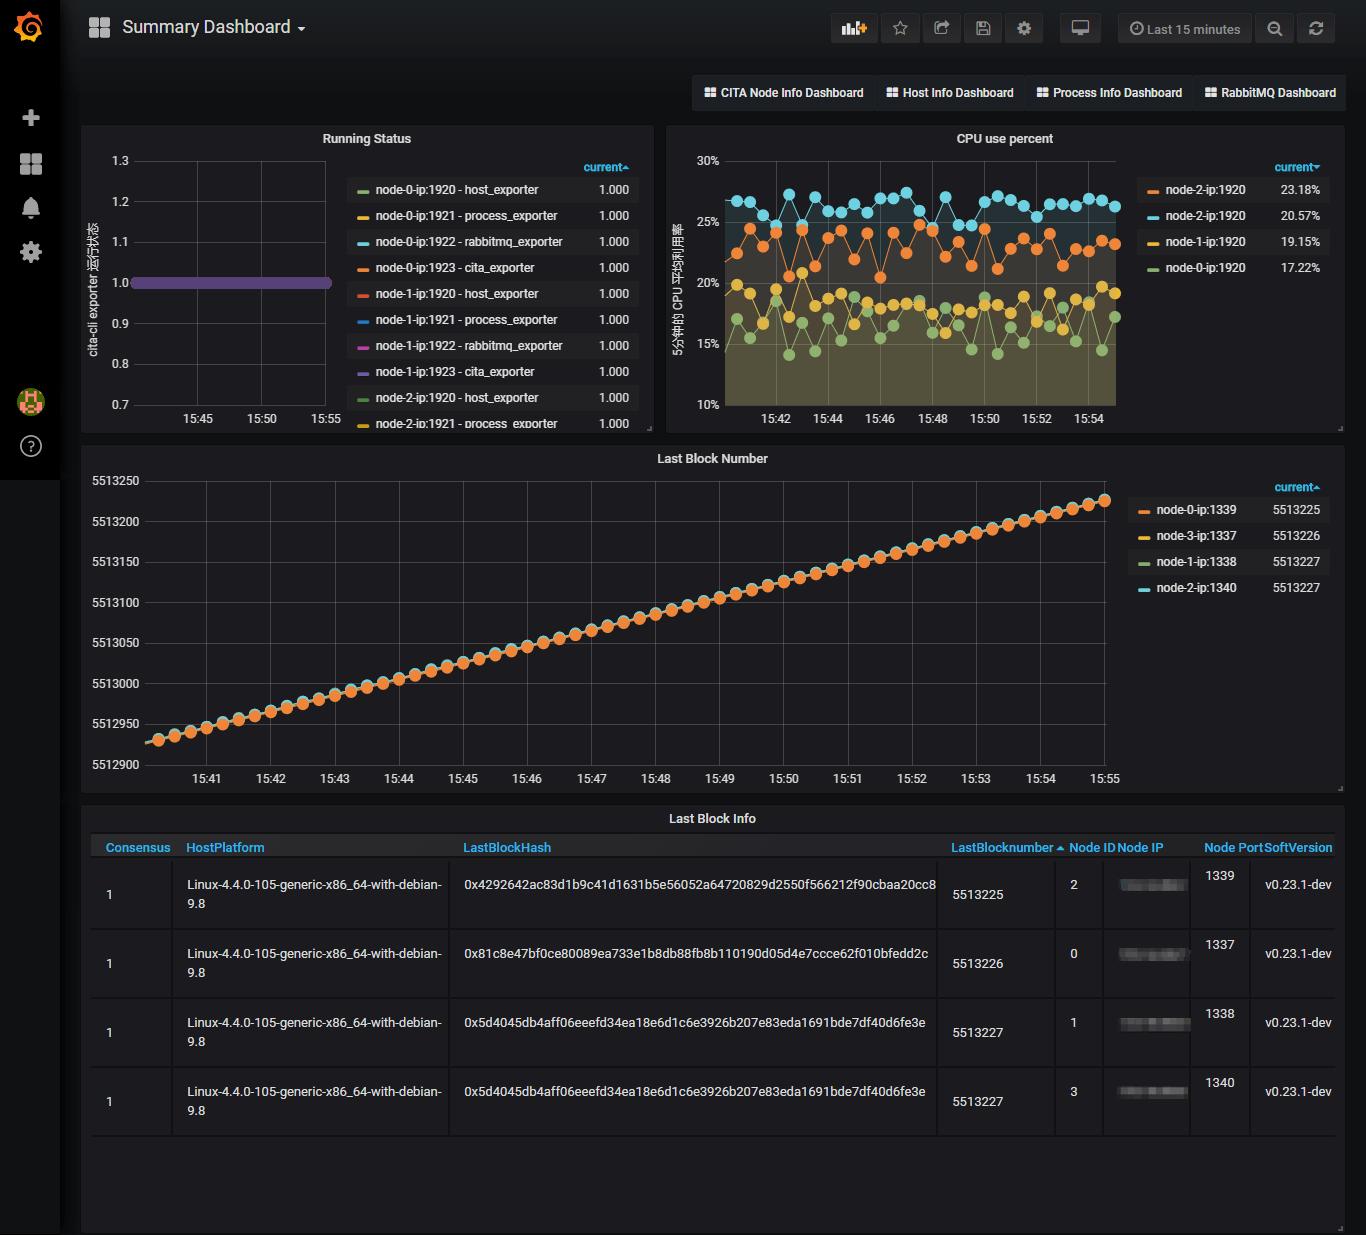 summary-dashboard-demo-fs8